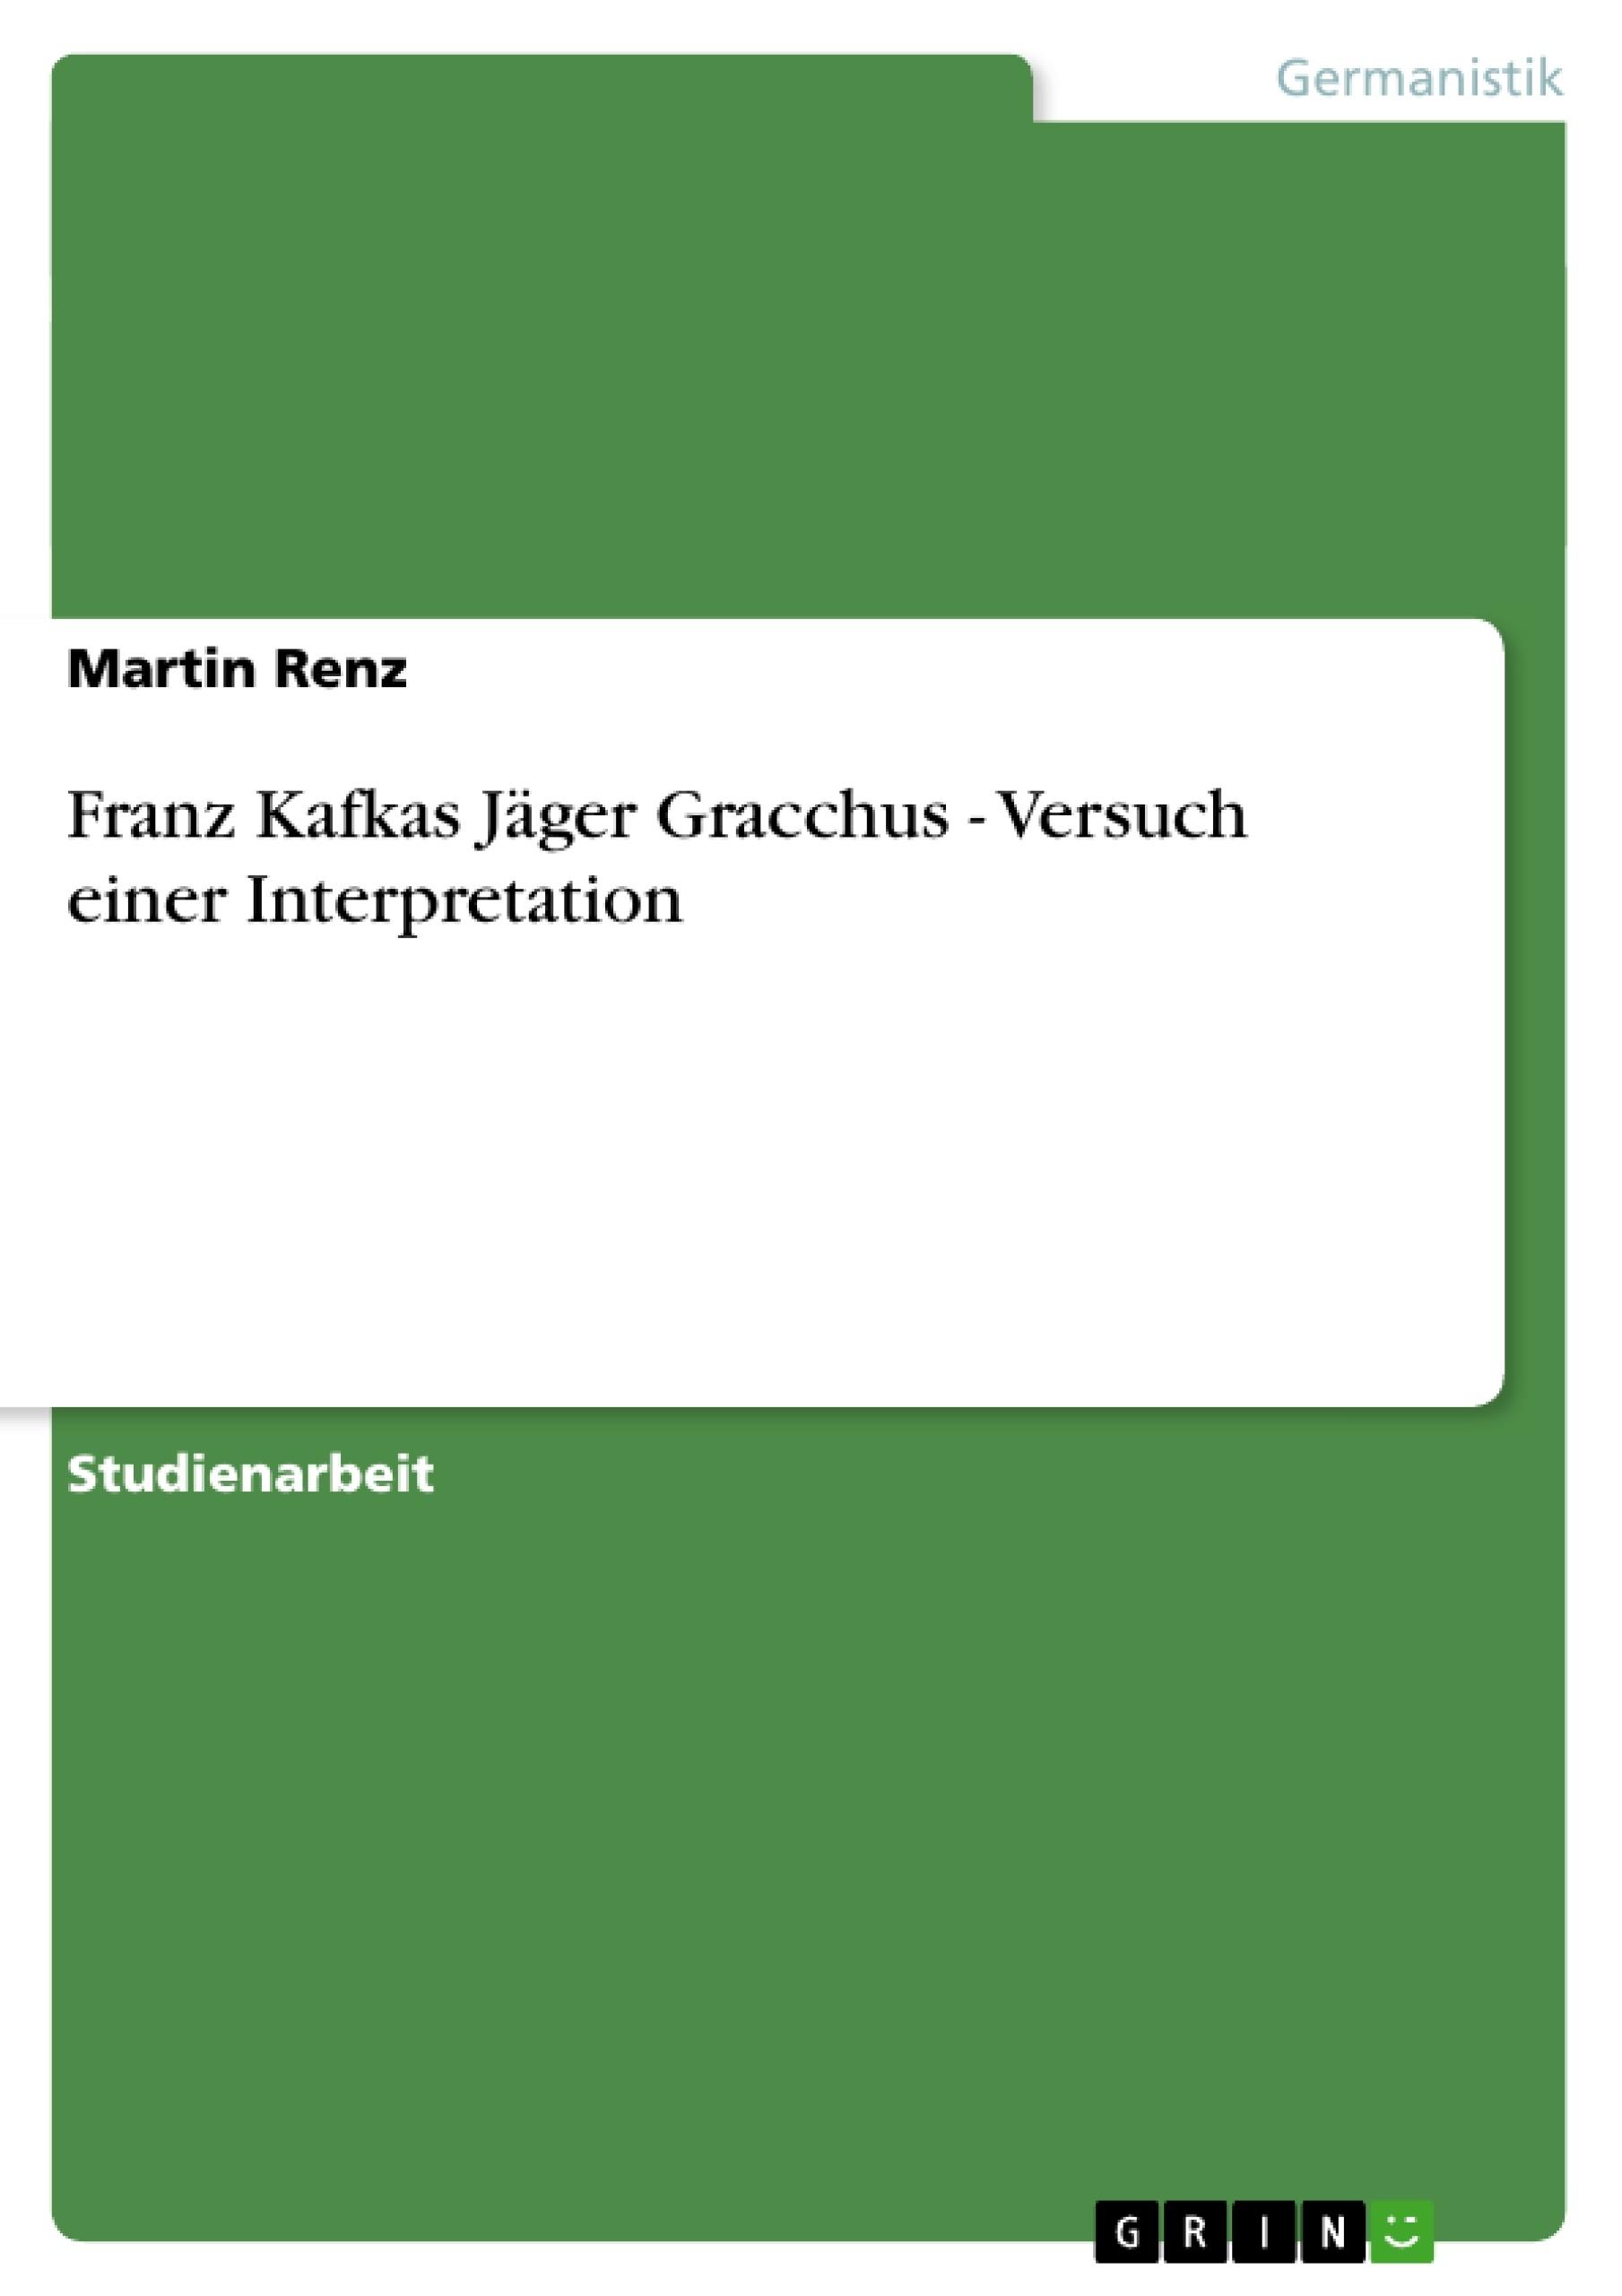 Titel: Franz Kafkas Jäger Gracchus - Versuch einer Interpretation